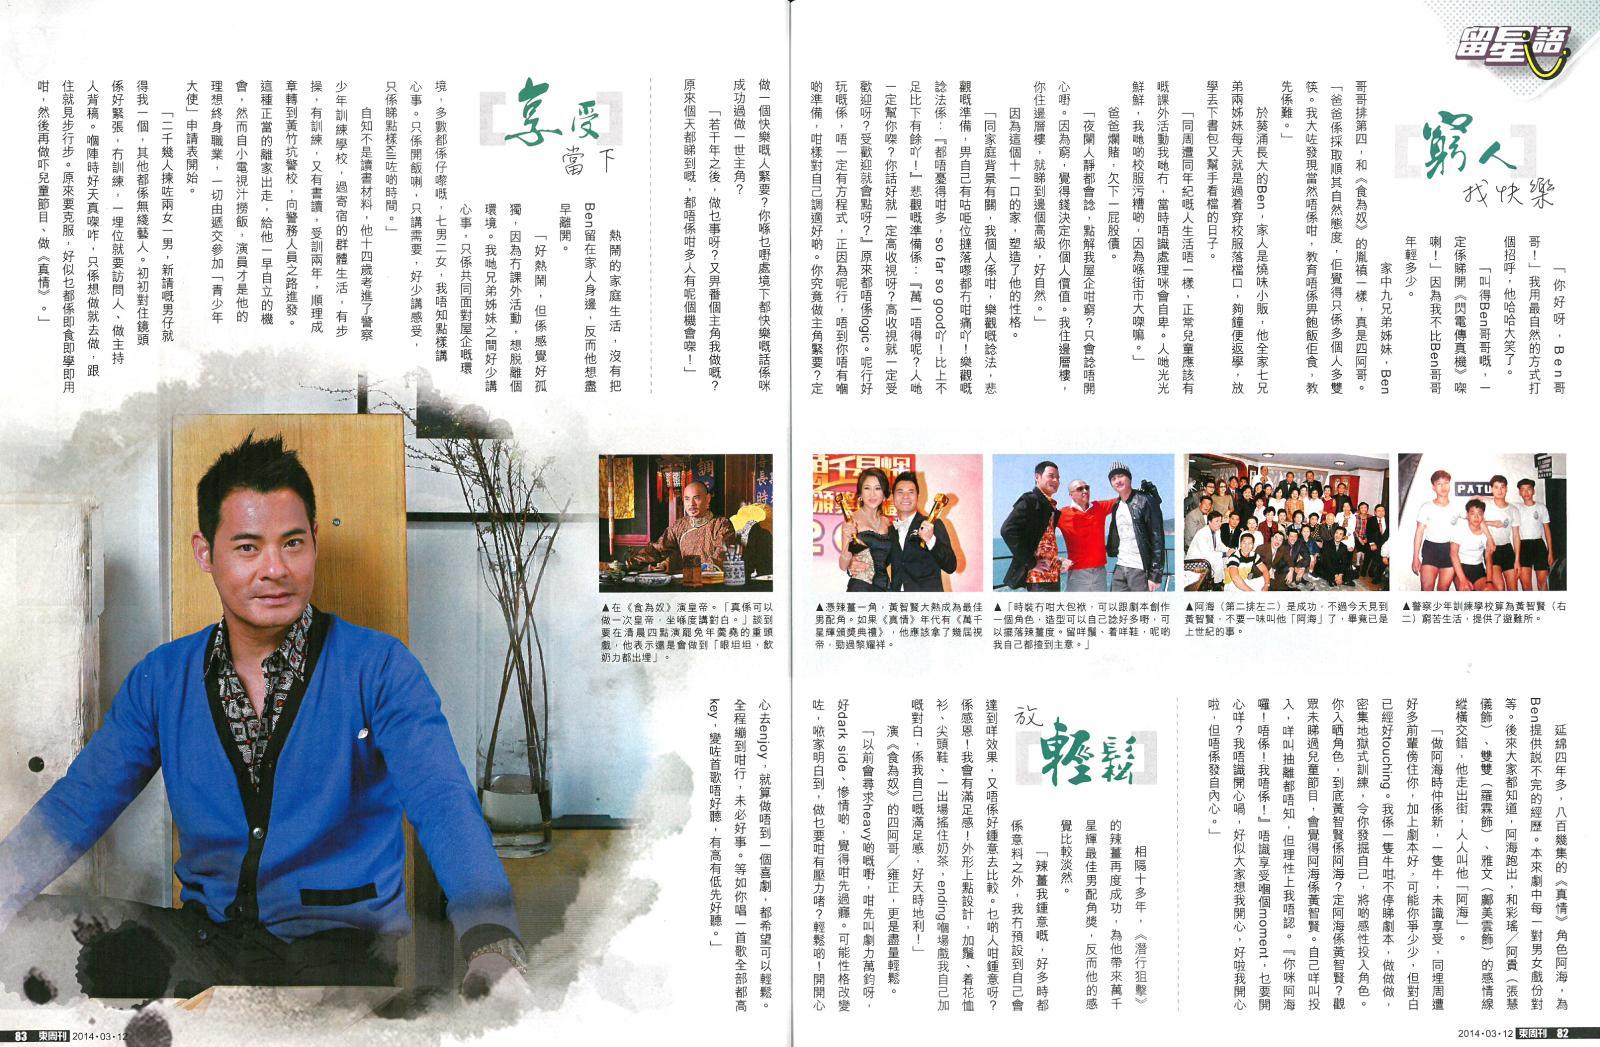 東周刊80期 留星語 於木+木 專訪 黃智賢 茶是今天醇